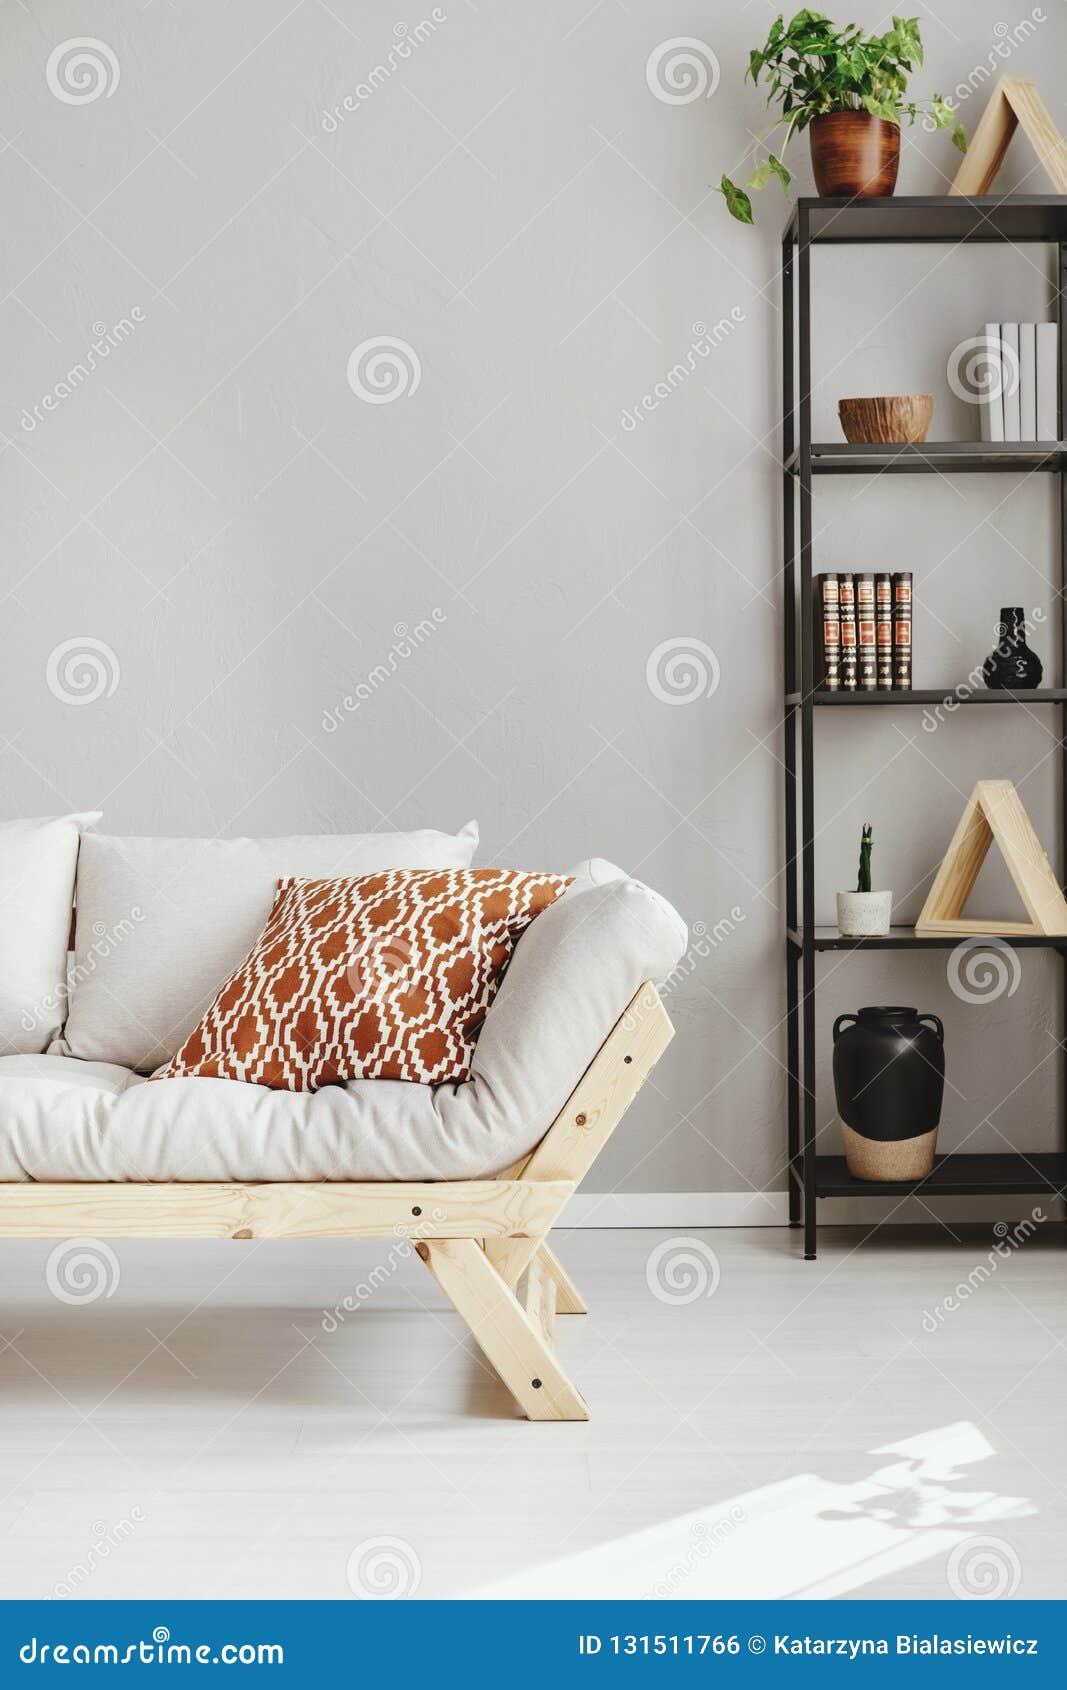 Sofá escandinavo al lado del estante con el diferente tipo de accesorios, foto real con el espacio de la copia